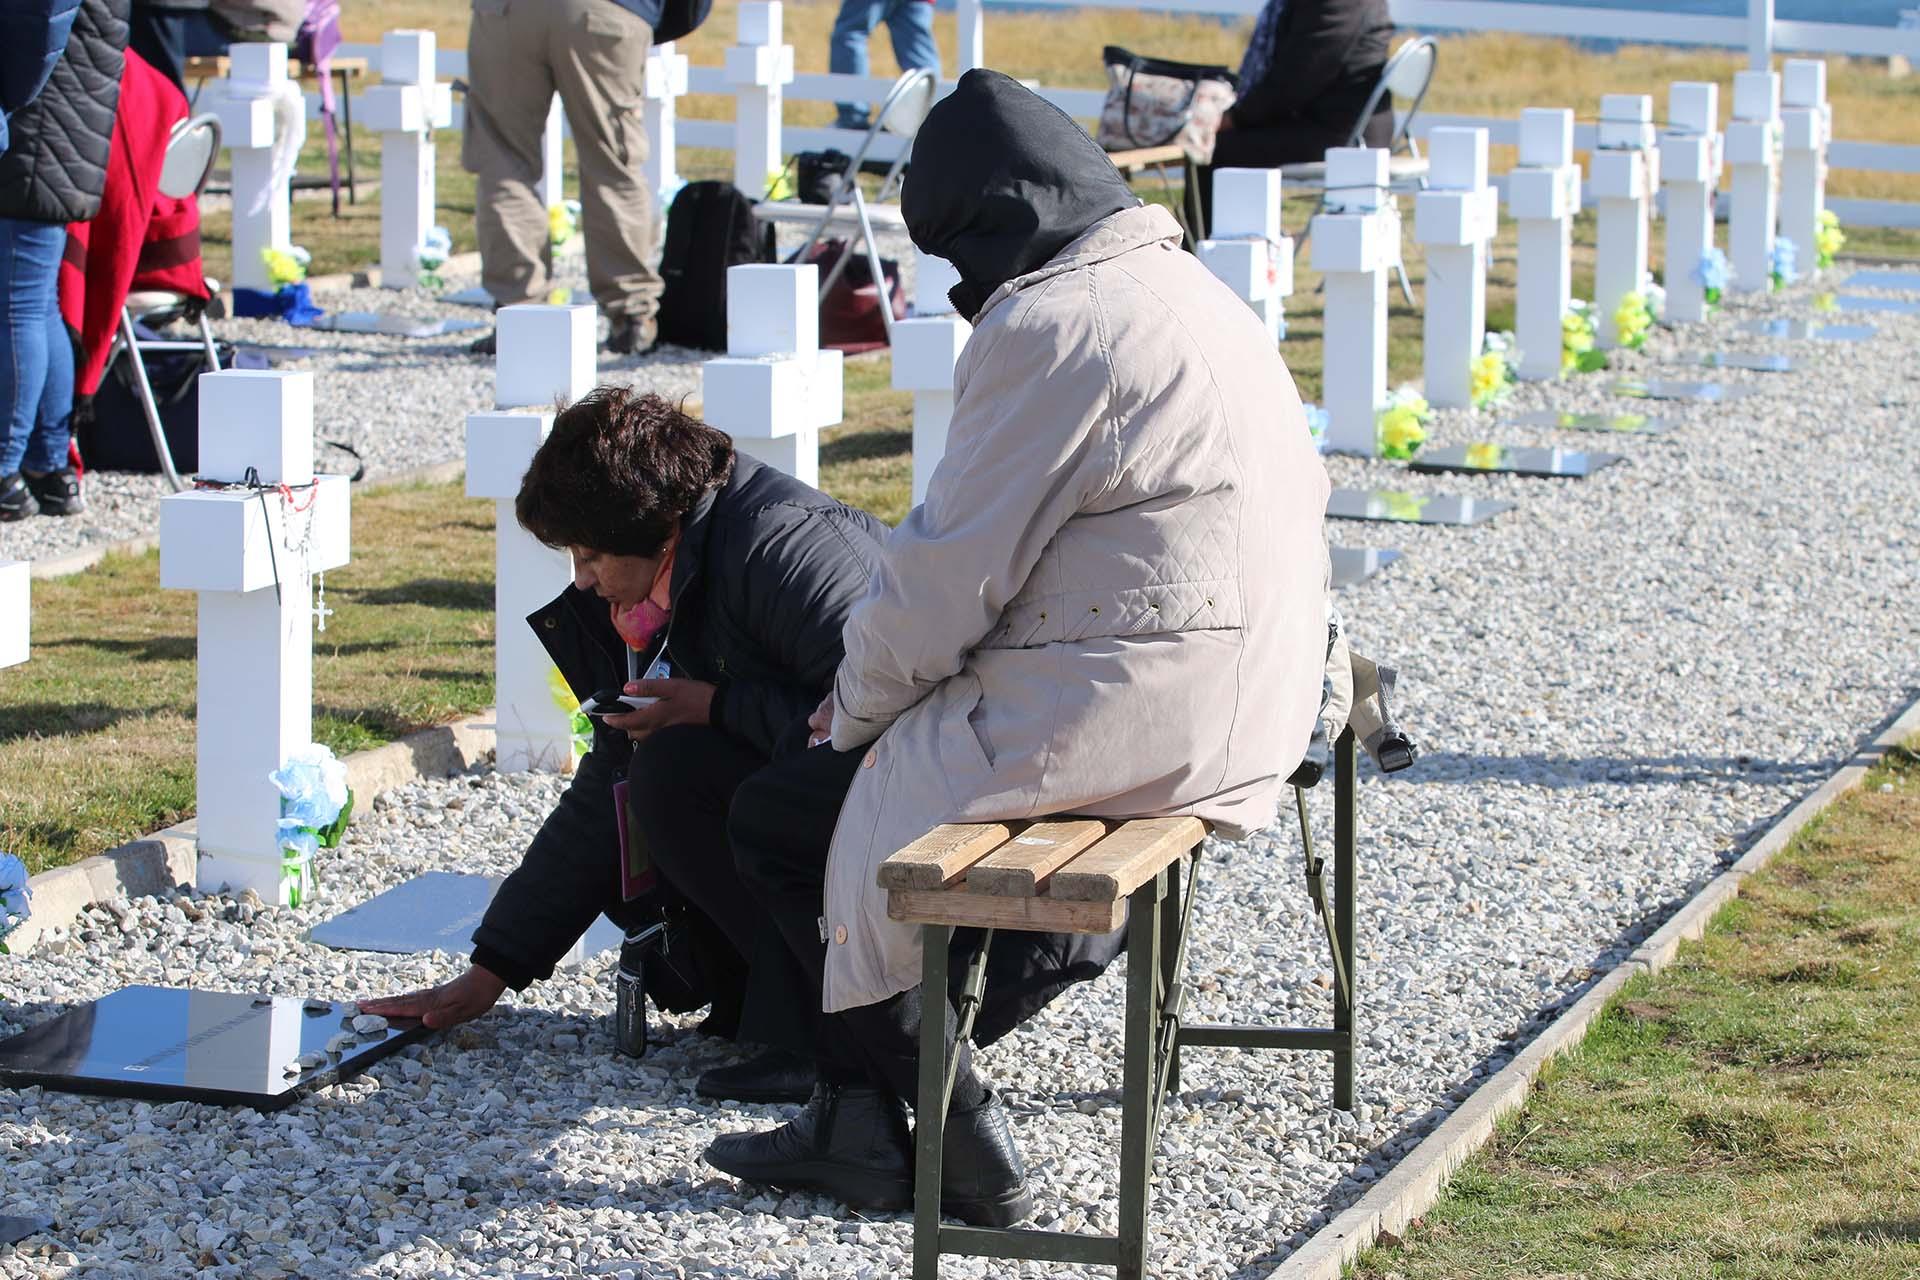 Un rito que se reptie: las familias colocan piedritas sobre las placas de sus seres amados